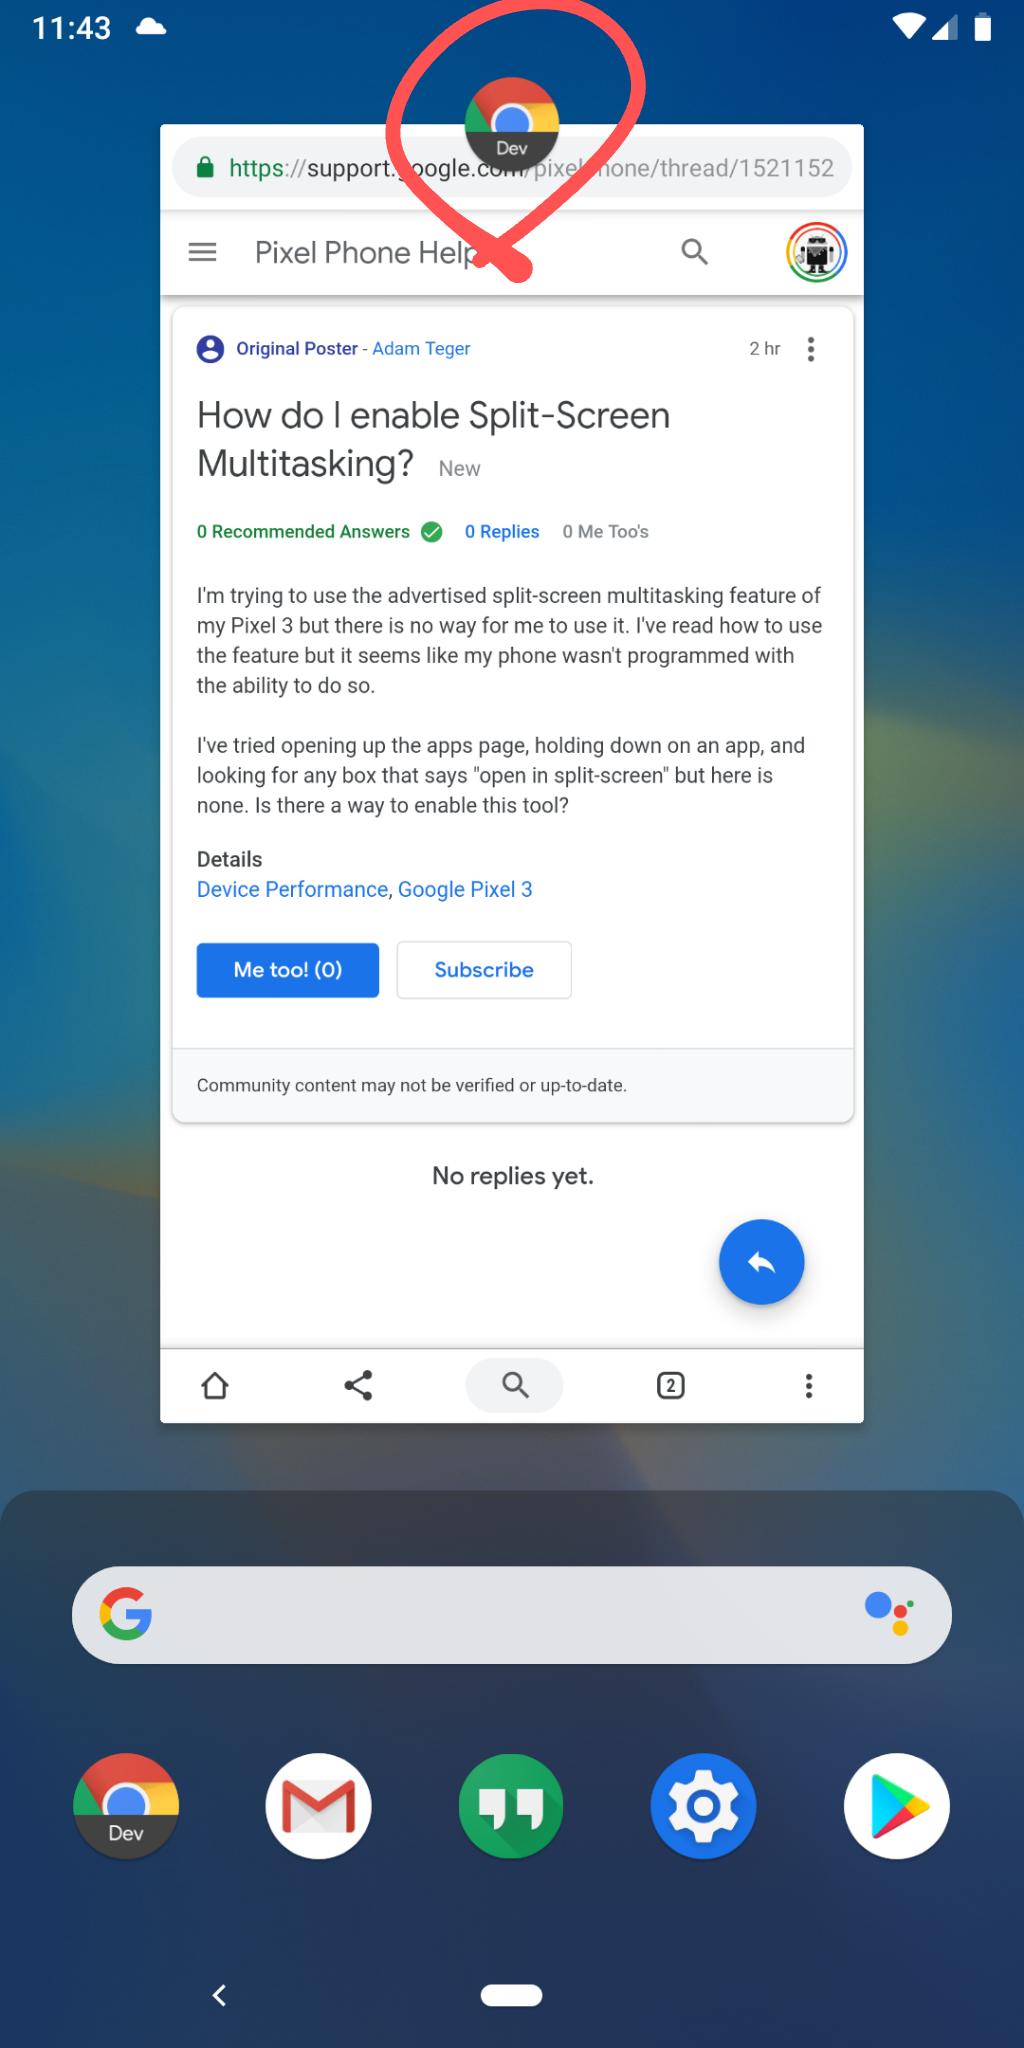 How do I enable Split-Screen Multitasking? - Pixel Phone Help